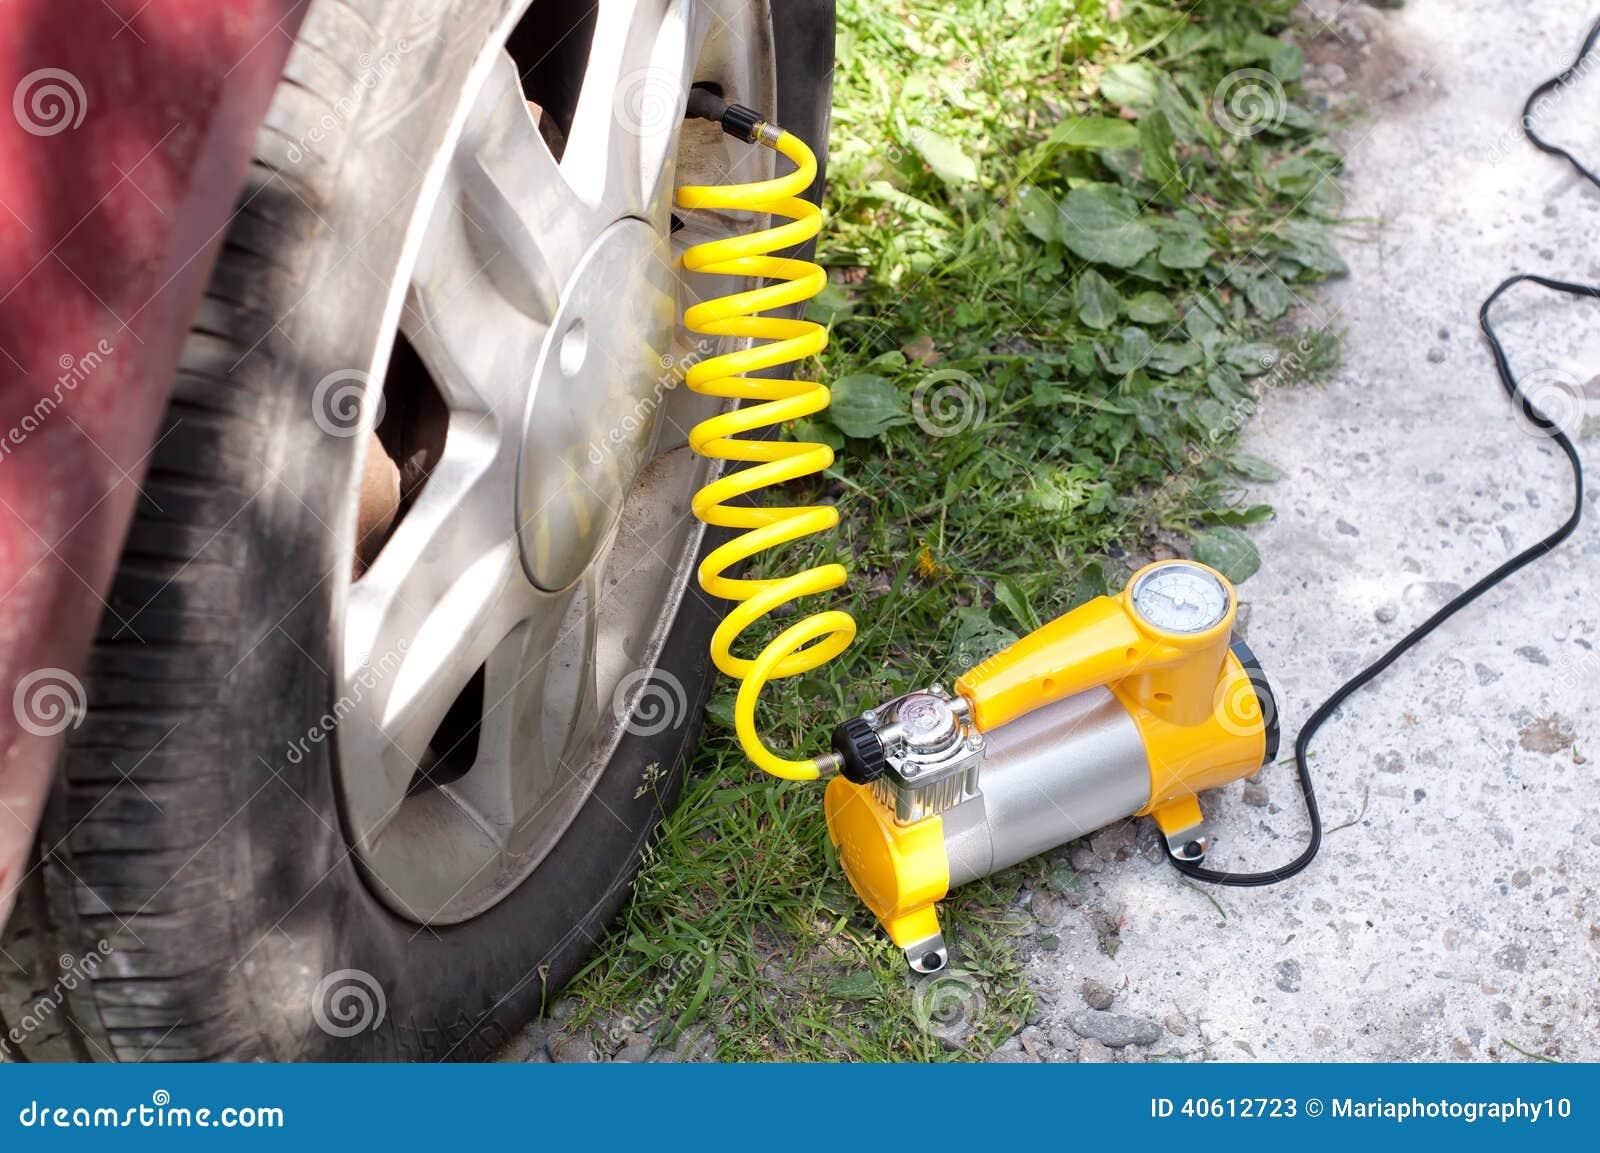 De compressor van de autolucht met gele verdraaide slang